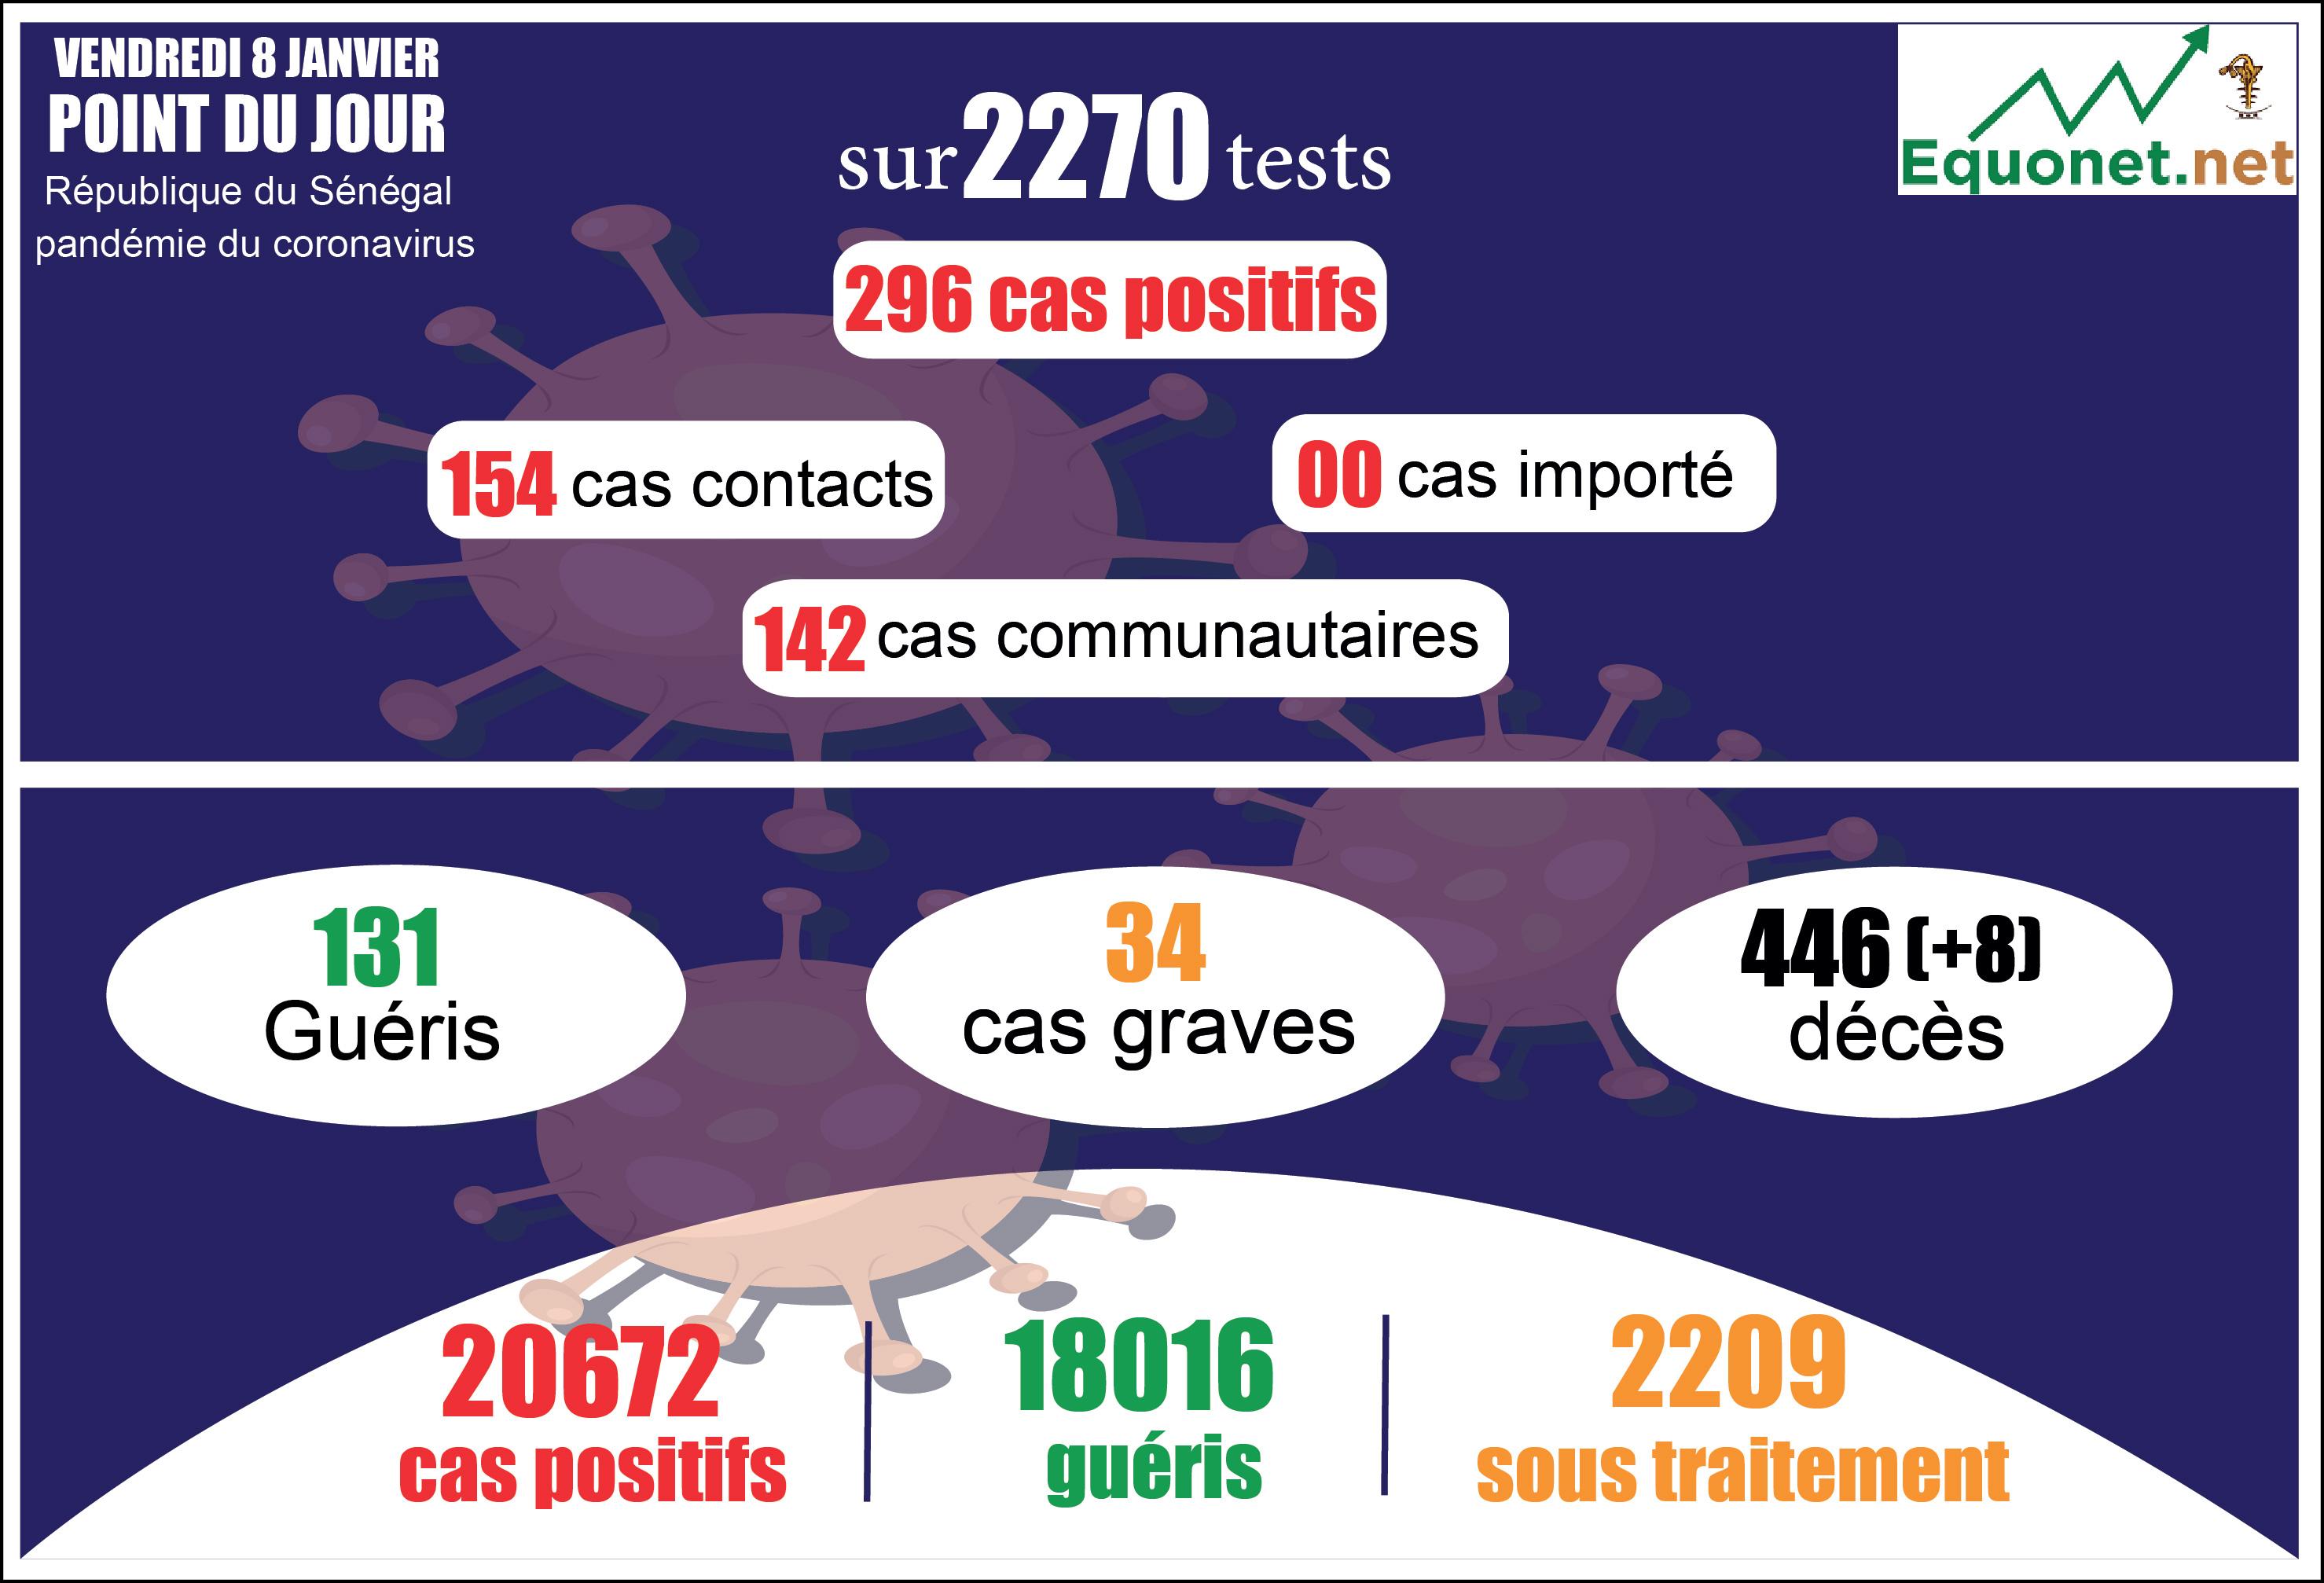 pandémie du coronavirus-covid-19 au sénégal : 142 cas communautaires ont été enregistrés ce vendredi 8 janvier 2021